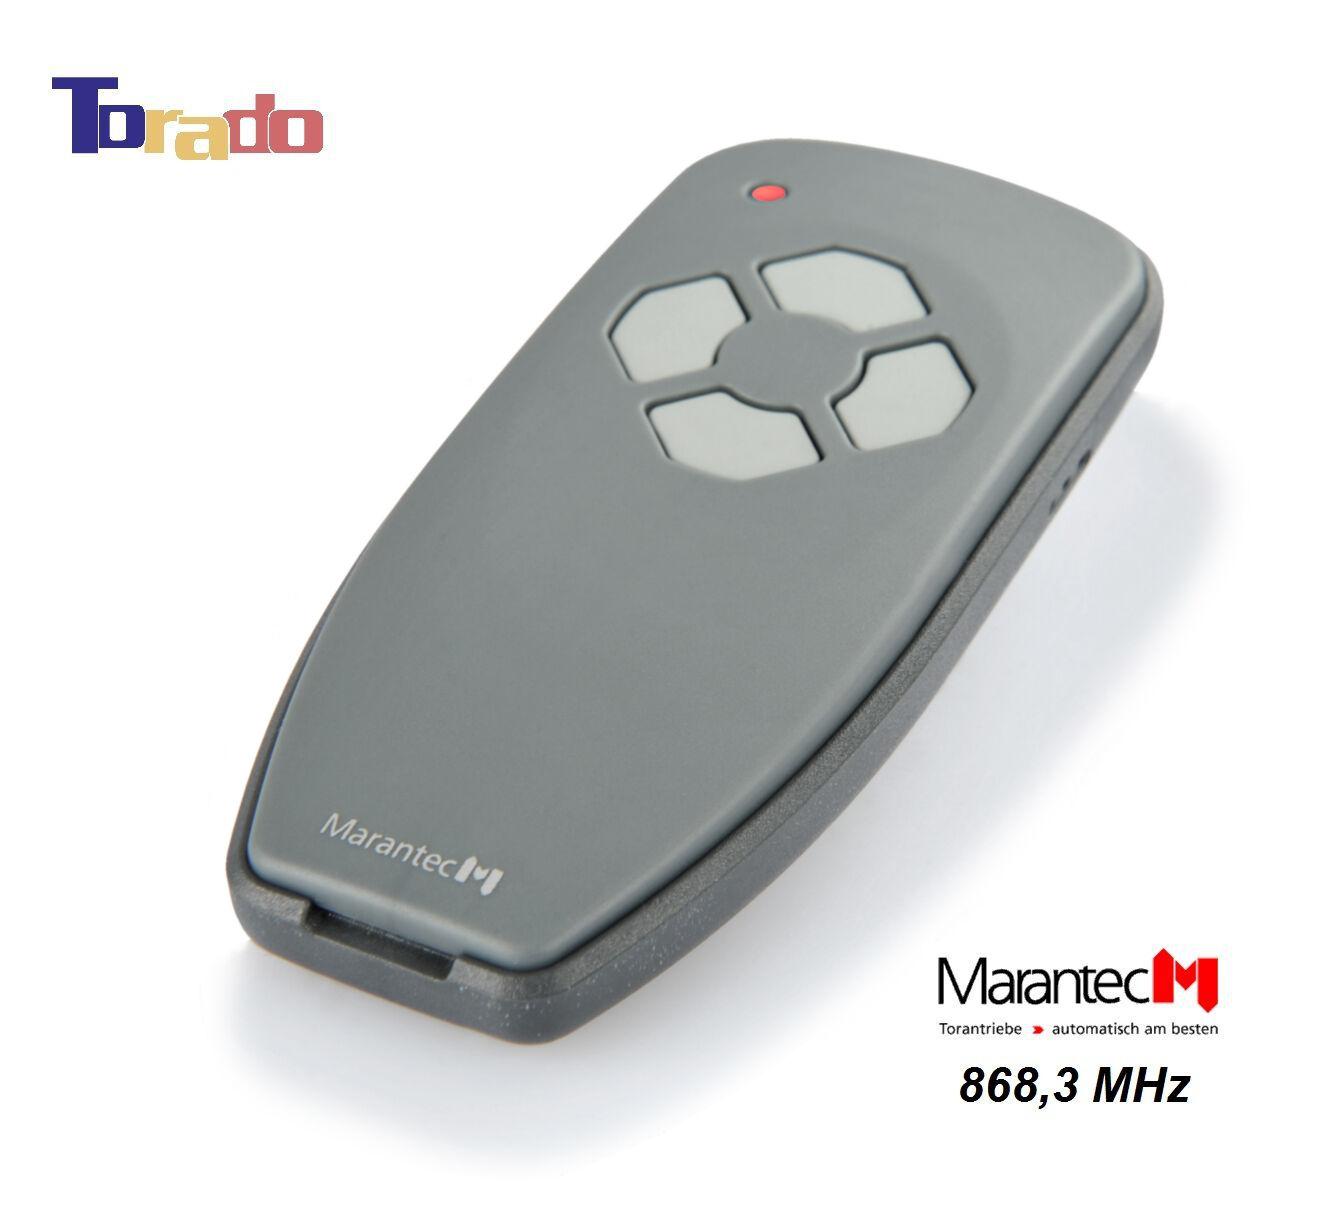 Marantec Digital 304 Handsender 384 mit 433 MHz Funksender Funk Tor Teckentrup